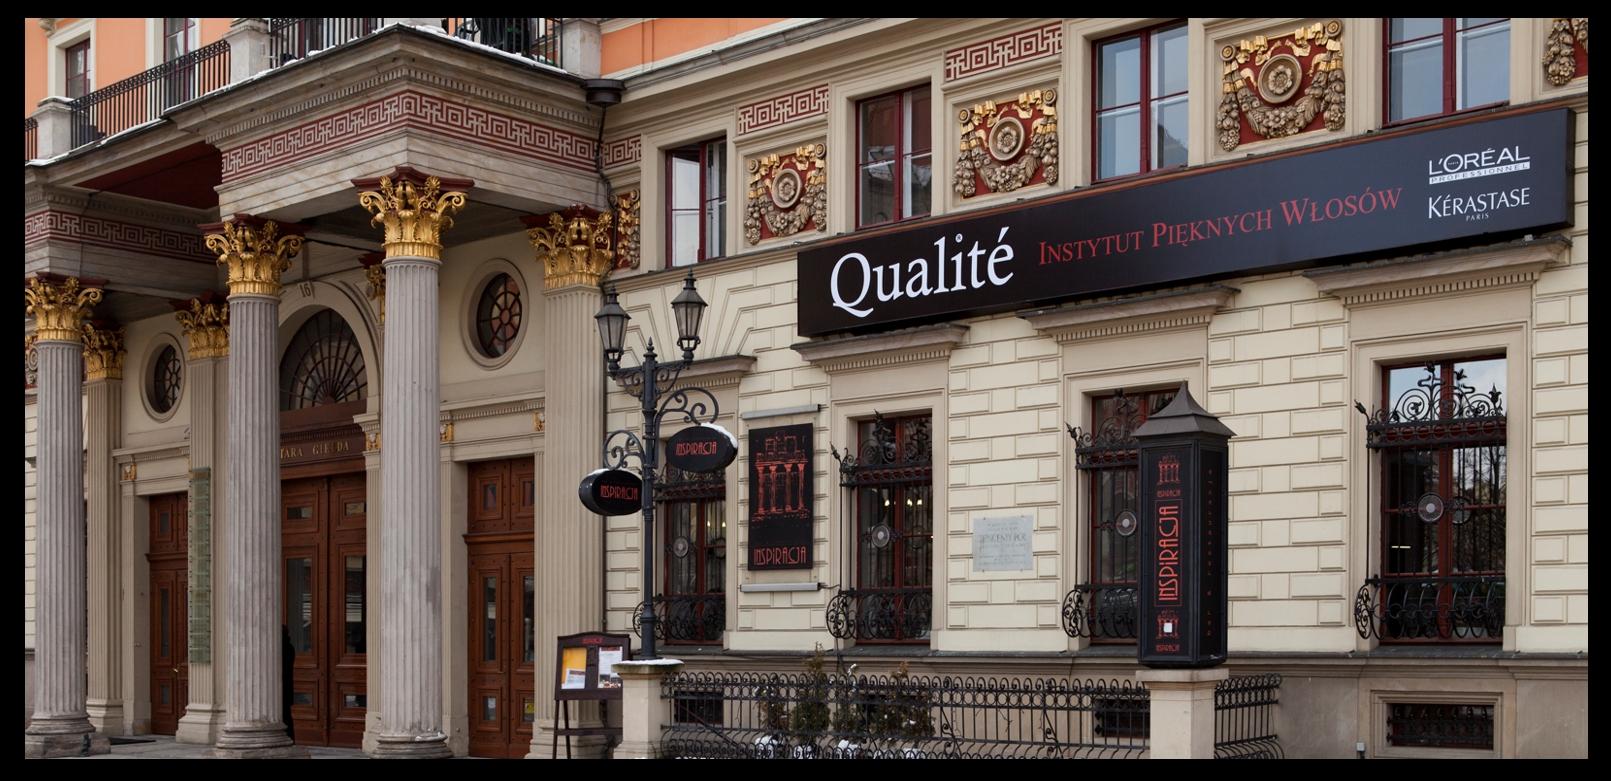 Qualite Instytut Pięknych Włosów Plac Sony 4 (3)